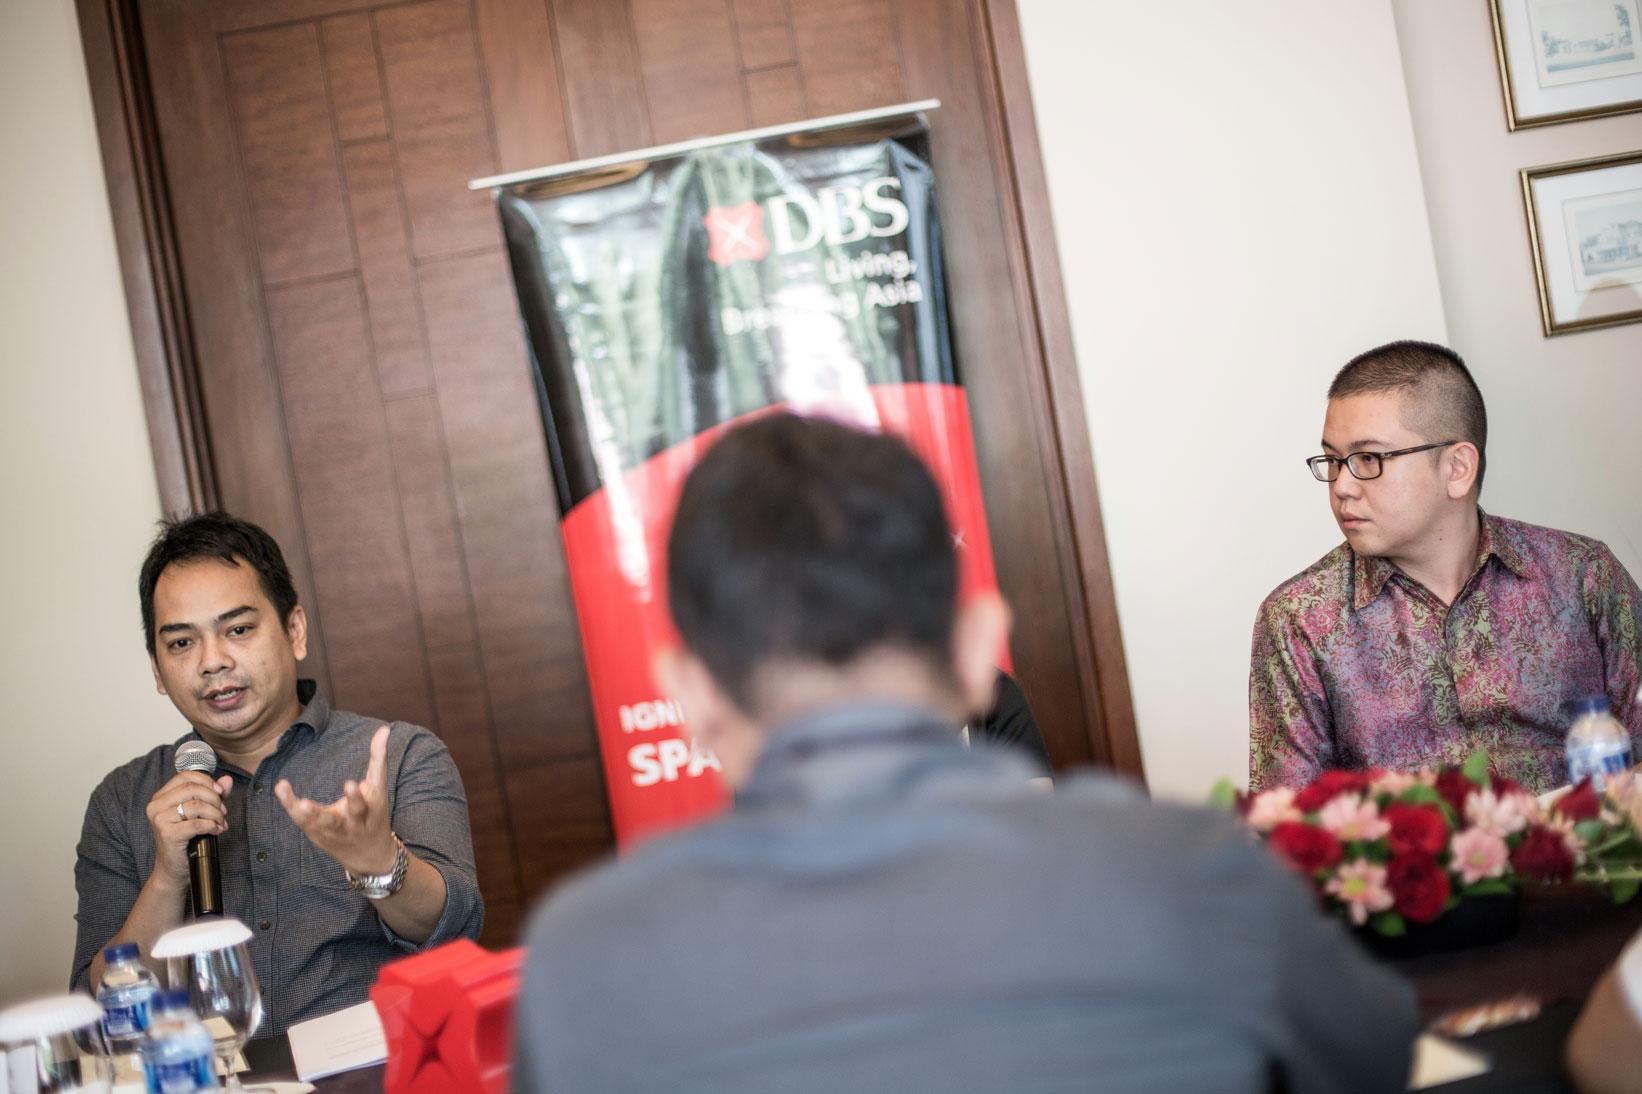 Managing Director KATADATA Ade Wahyudi (kiri) ditemani ekonom DBS Gundy Cahyadi memberikan keterangan pers mengenai kompetisi DBS Young Economist Stand Up bagi mahasiswa tingkat Sarjana (S1) kerjasama antara Bank DBS dengan Katadata di Jakarta, Selasa (27/10). Kompetisi DBS Young Economist Stand Up terbuka bagi mahasiswa seluruh Indonesia yang memiliki opini, pandangan, dan solusi tentang perekonomian Indonesia maupun Asia.